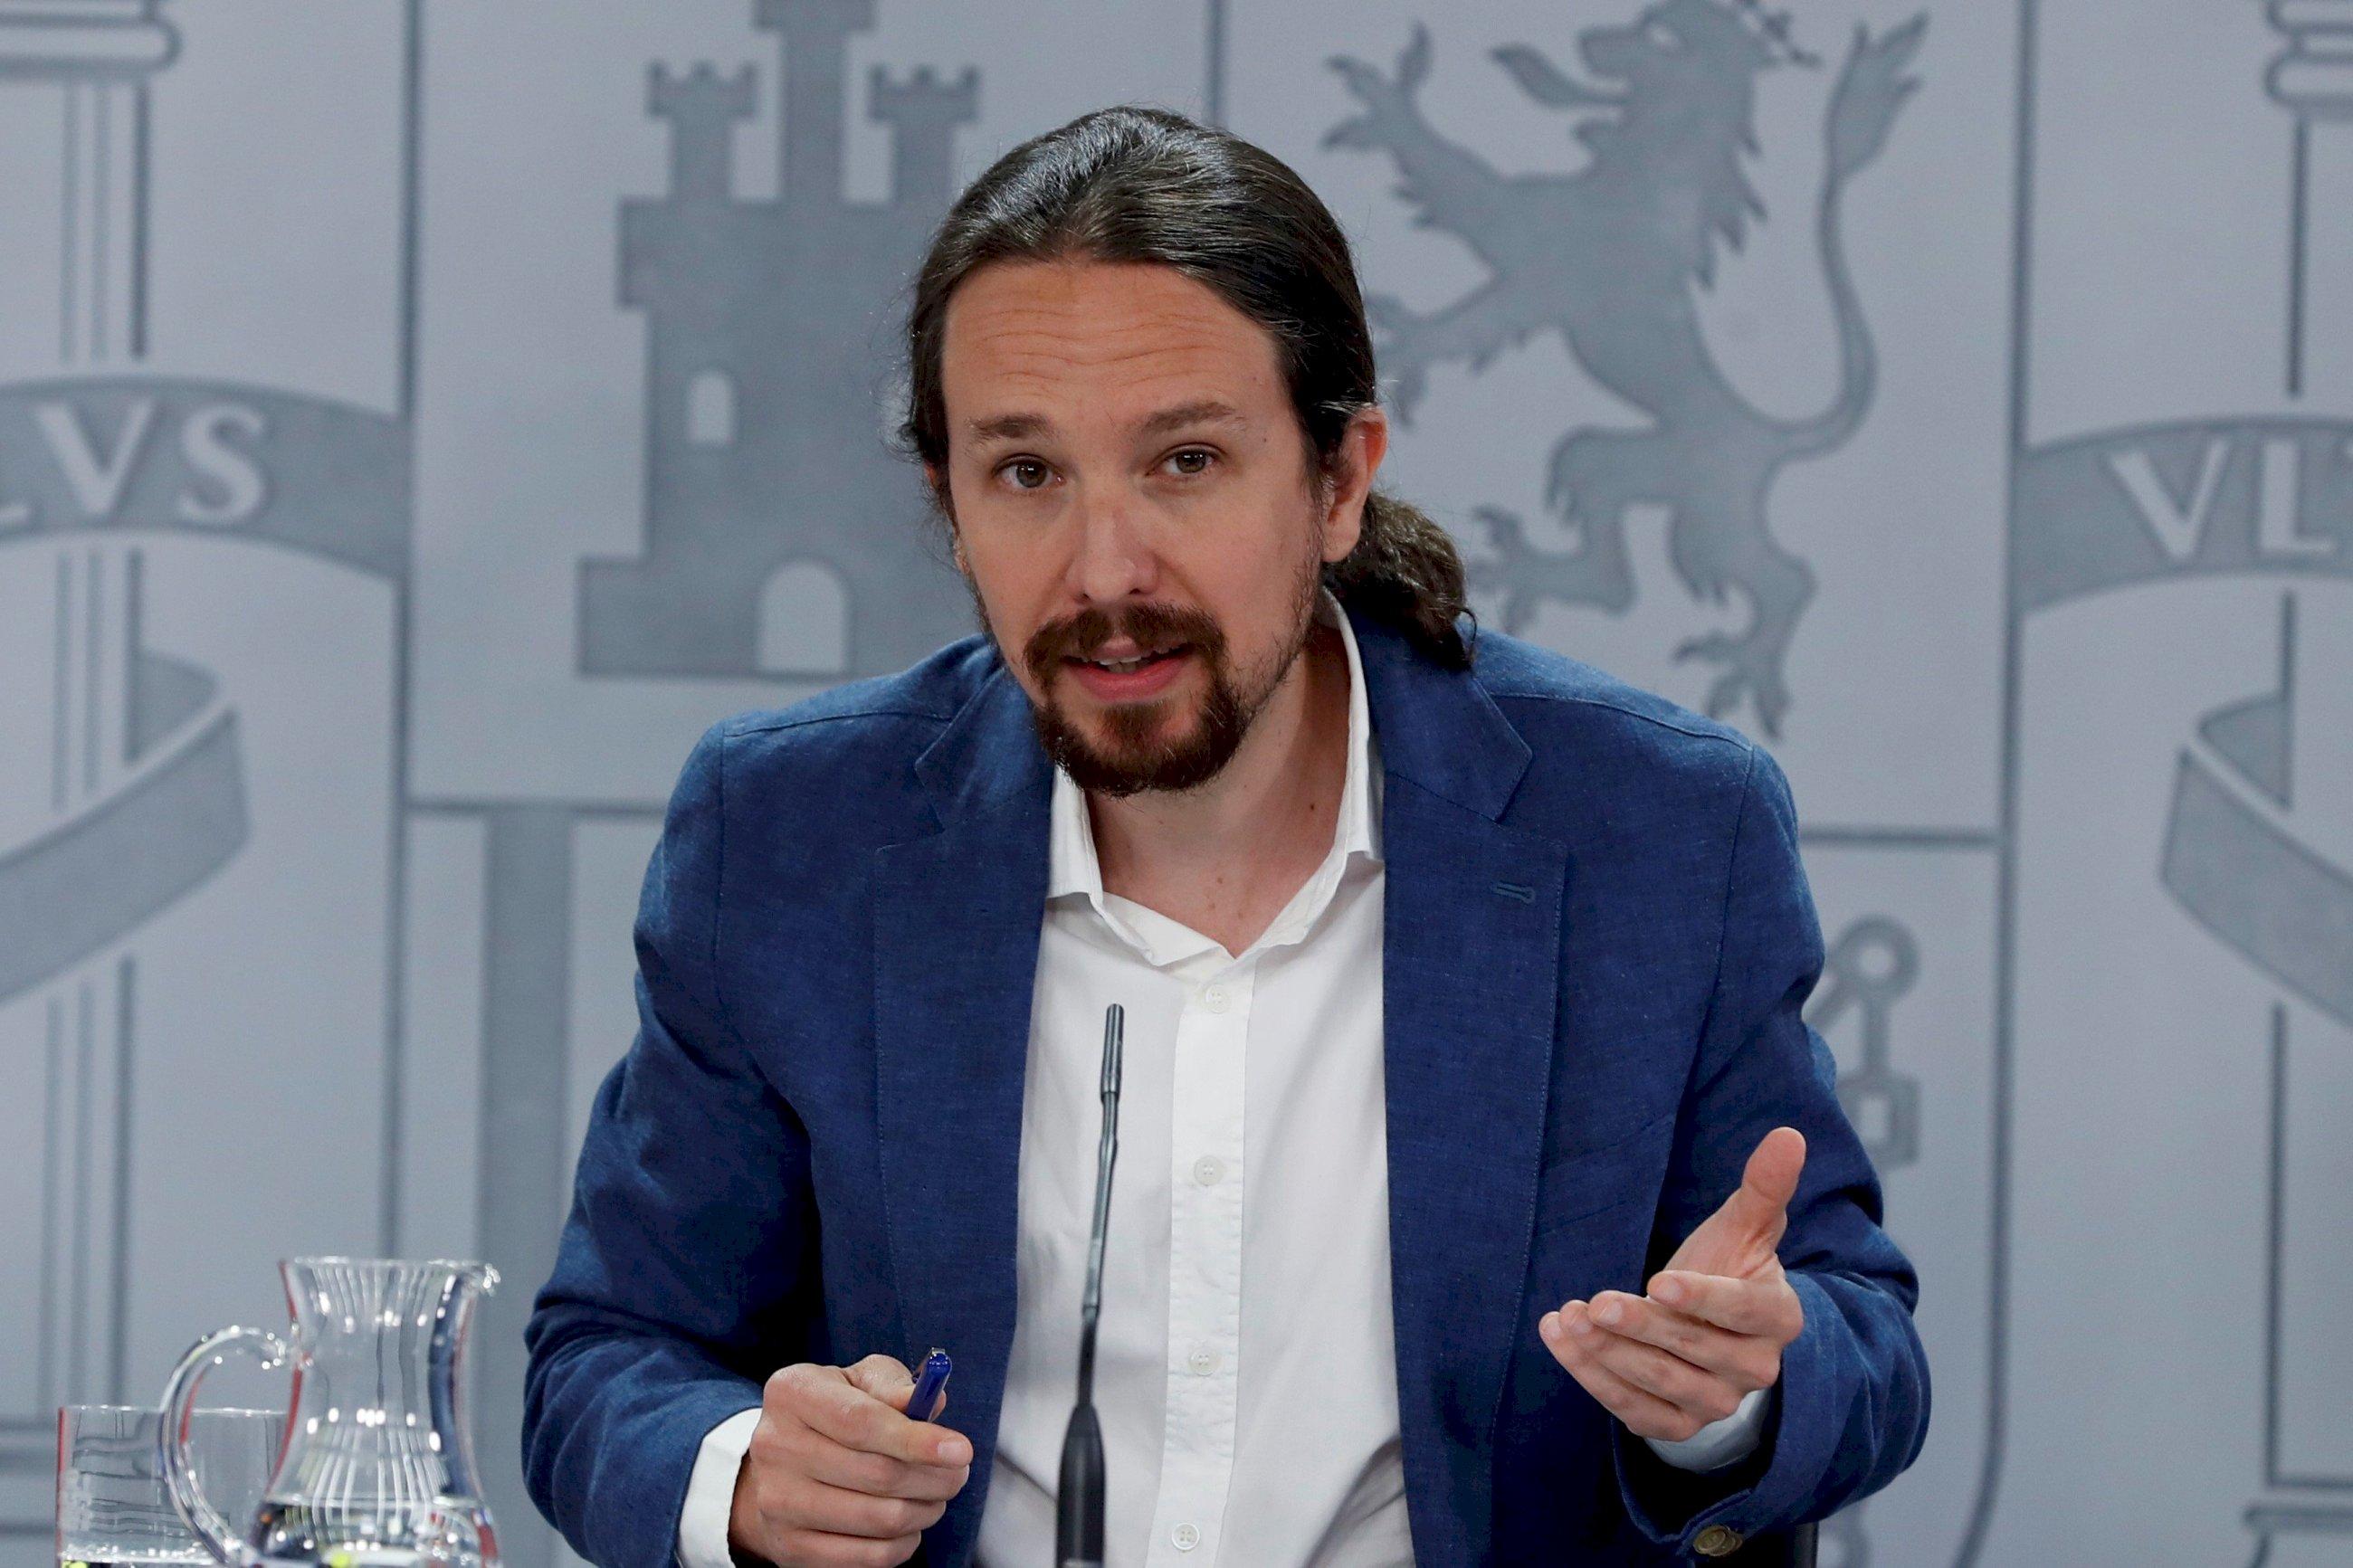 El acoso de Podemos que denuncia el juez con nombres y apellidos